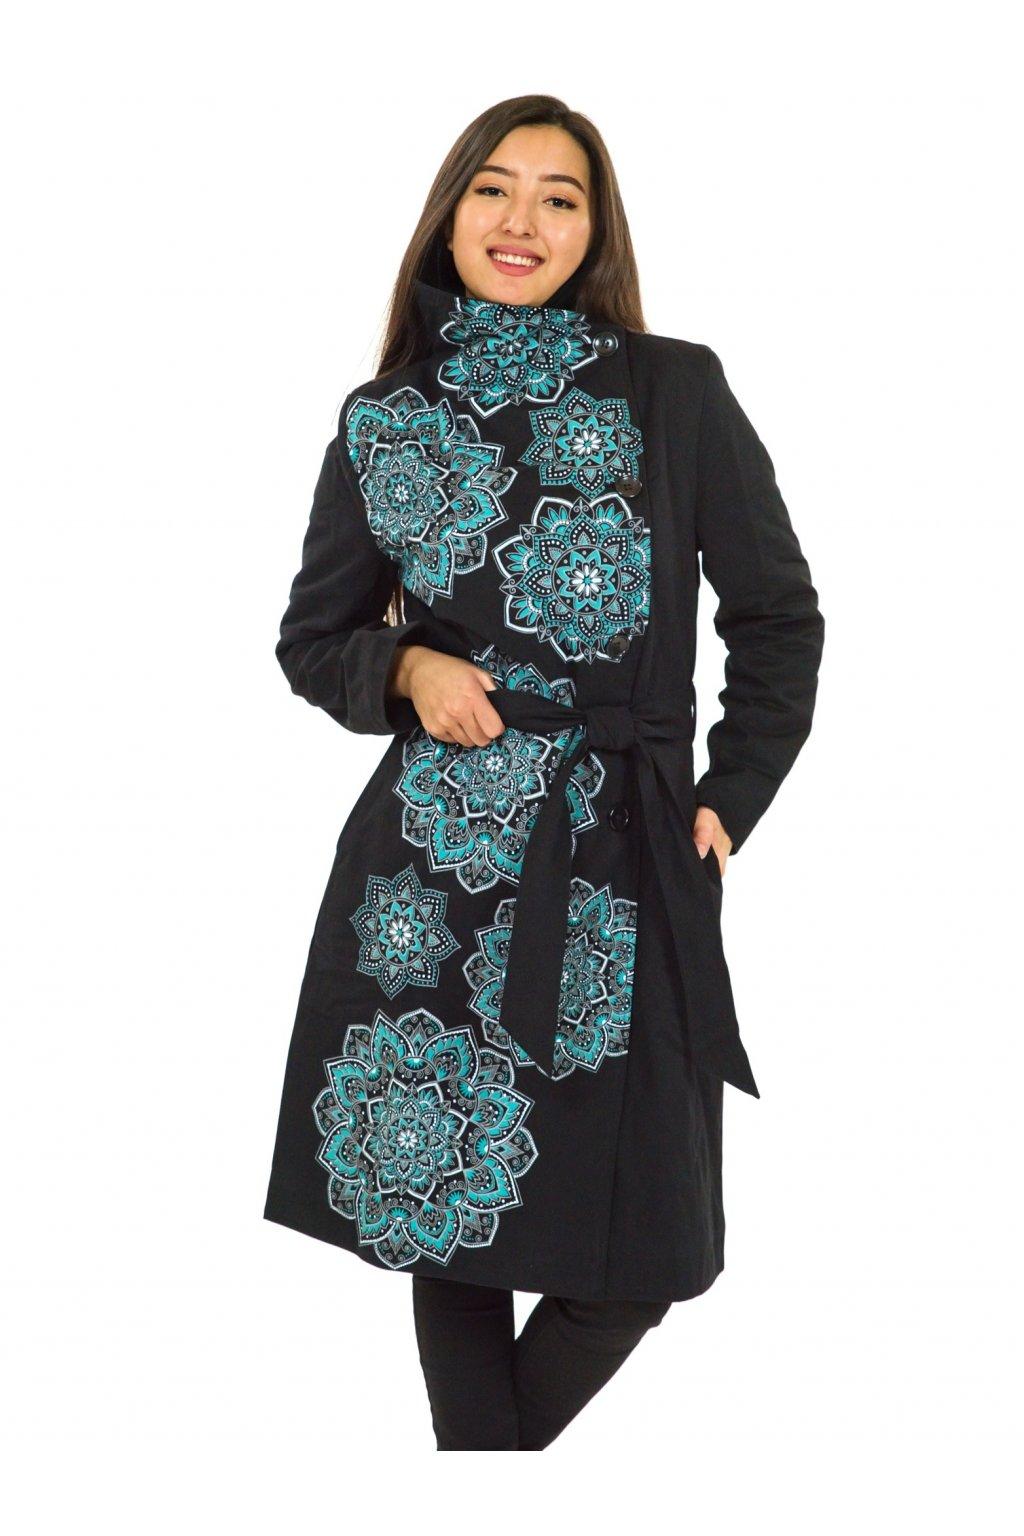 Podzimní/zimní kabát Himalaya - černá s tyrkysovou